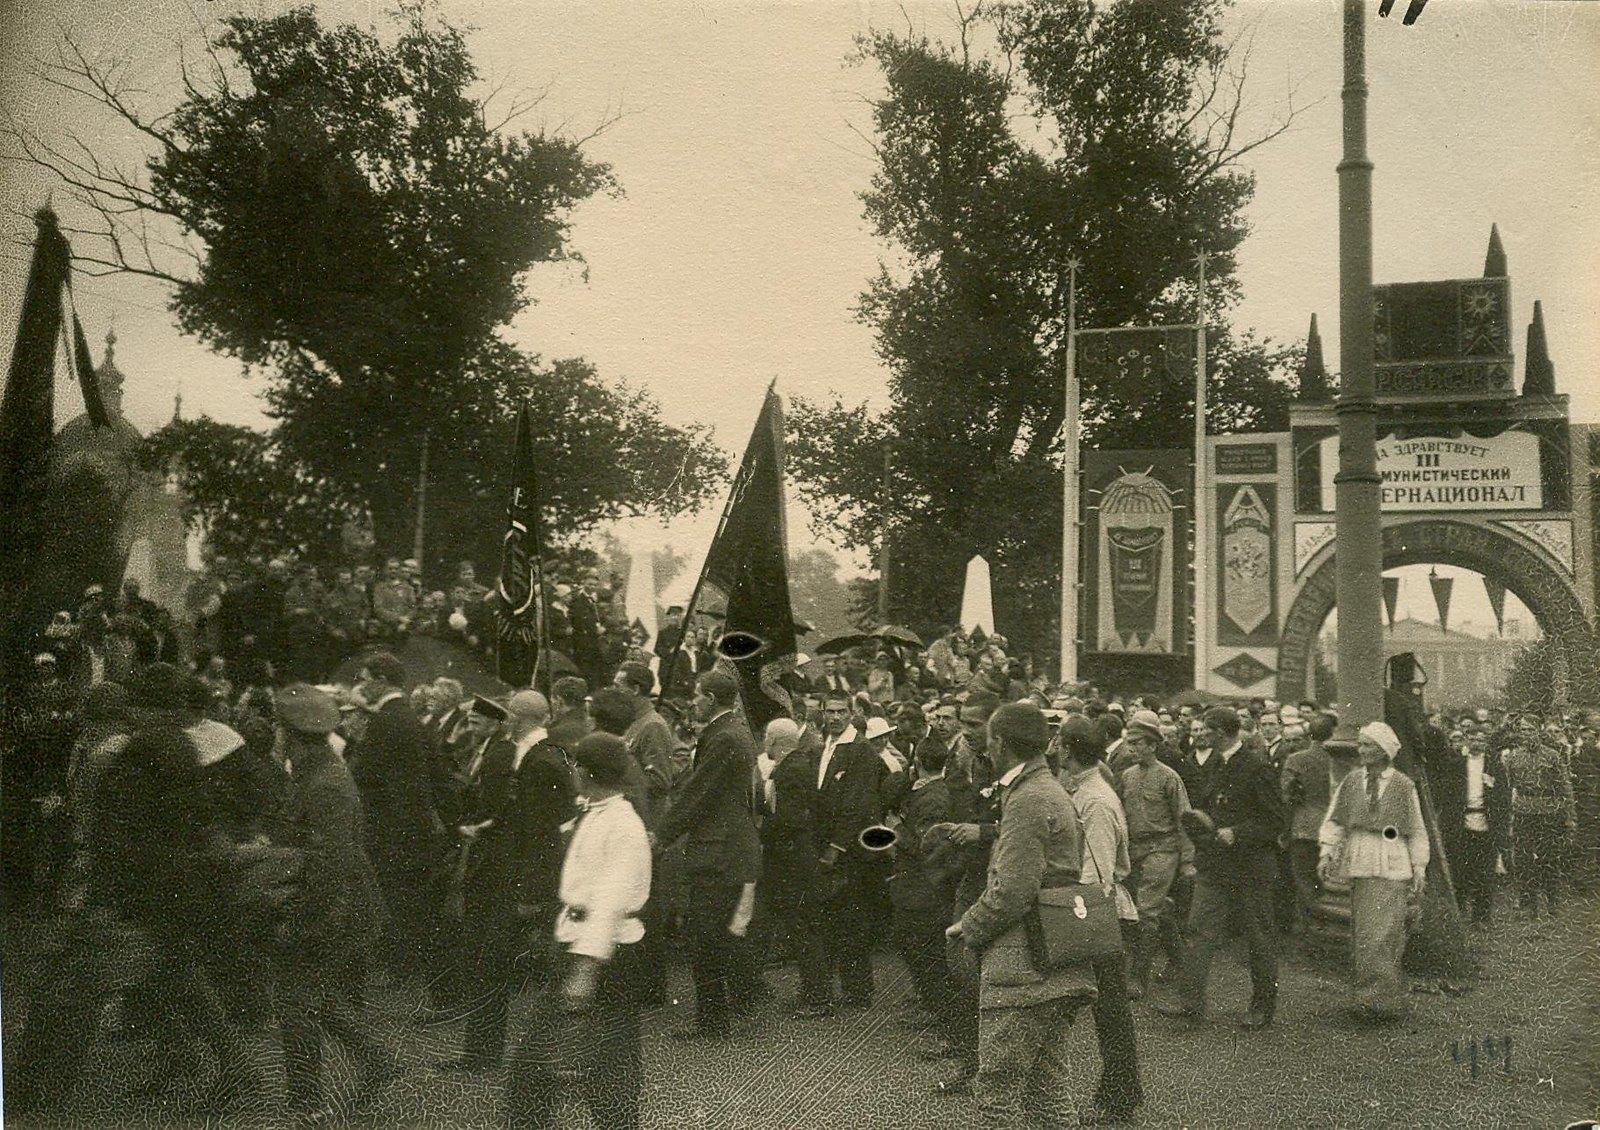 05. 1920. 19 июля. Делегаты II конгресса Коминтерна по пути из Смольного во дворец Урицкого